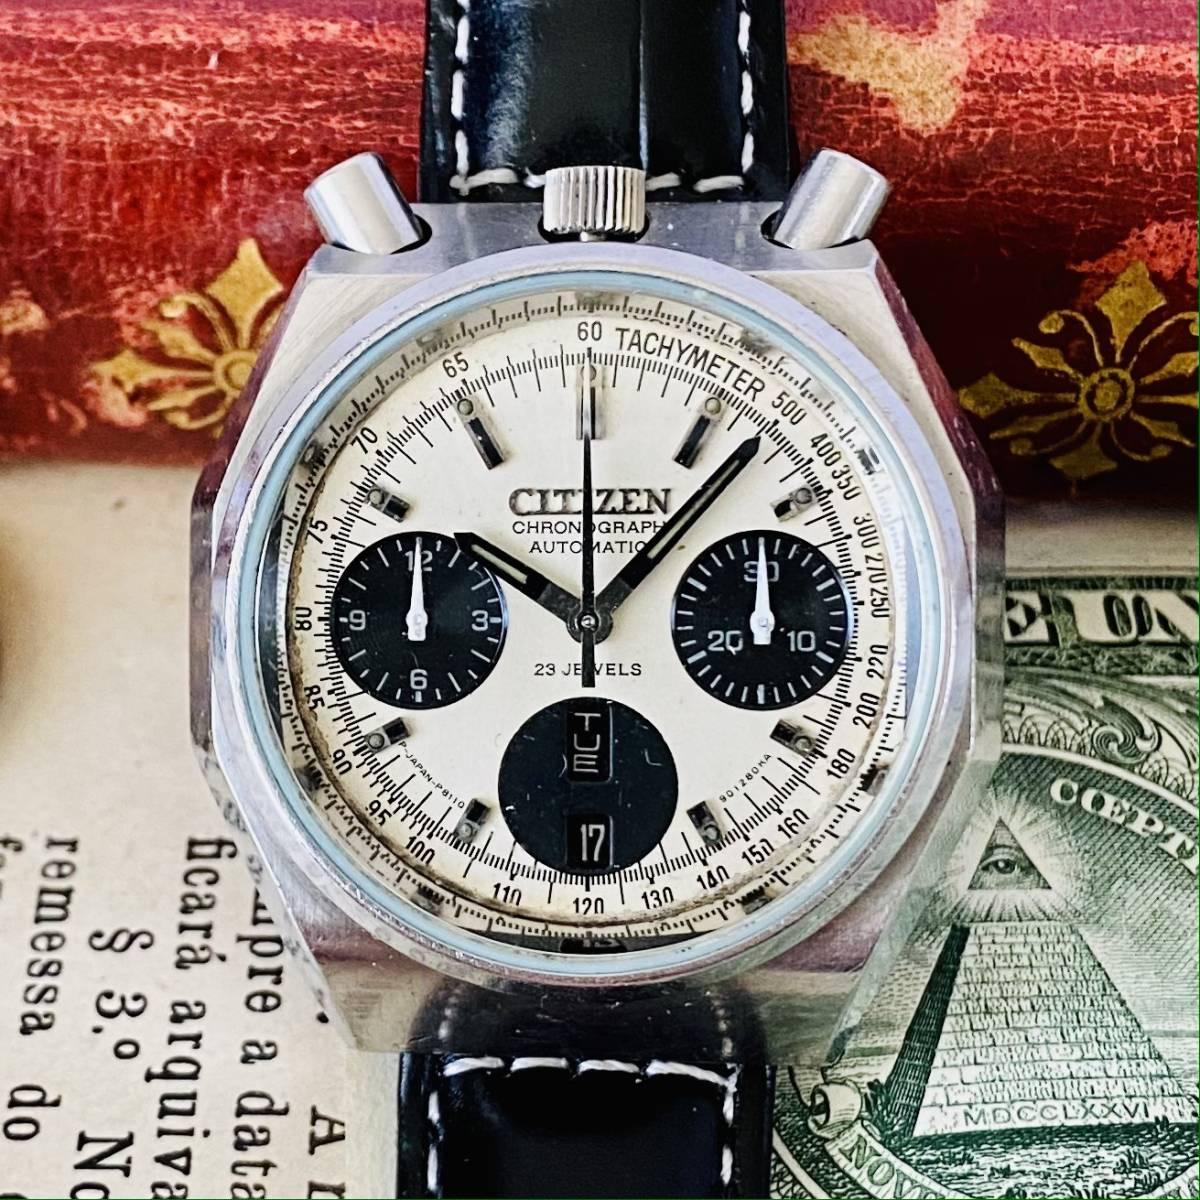 【高級時計 シチズン】CITIZEN 8110A クロノグラフ 自動巻 1980年代 ツノ メンズ レディース ビンテージ アナログ 腕時計パンダ チャレンジ_画像2